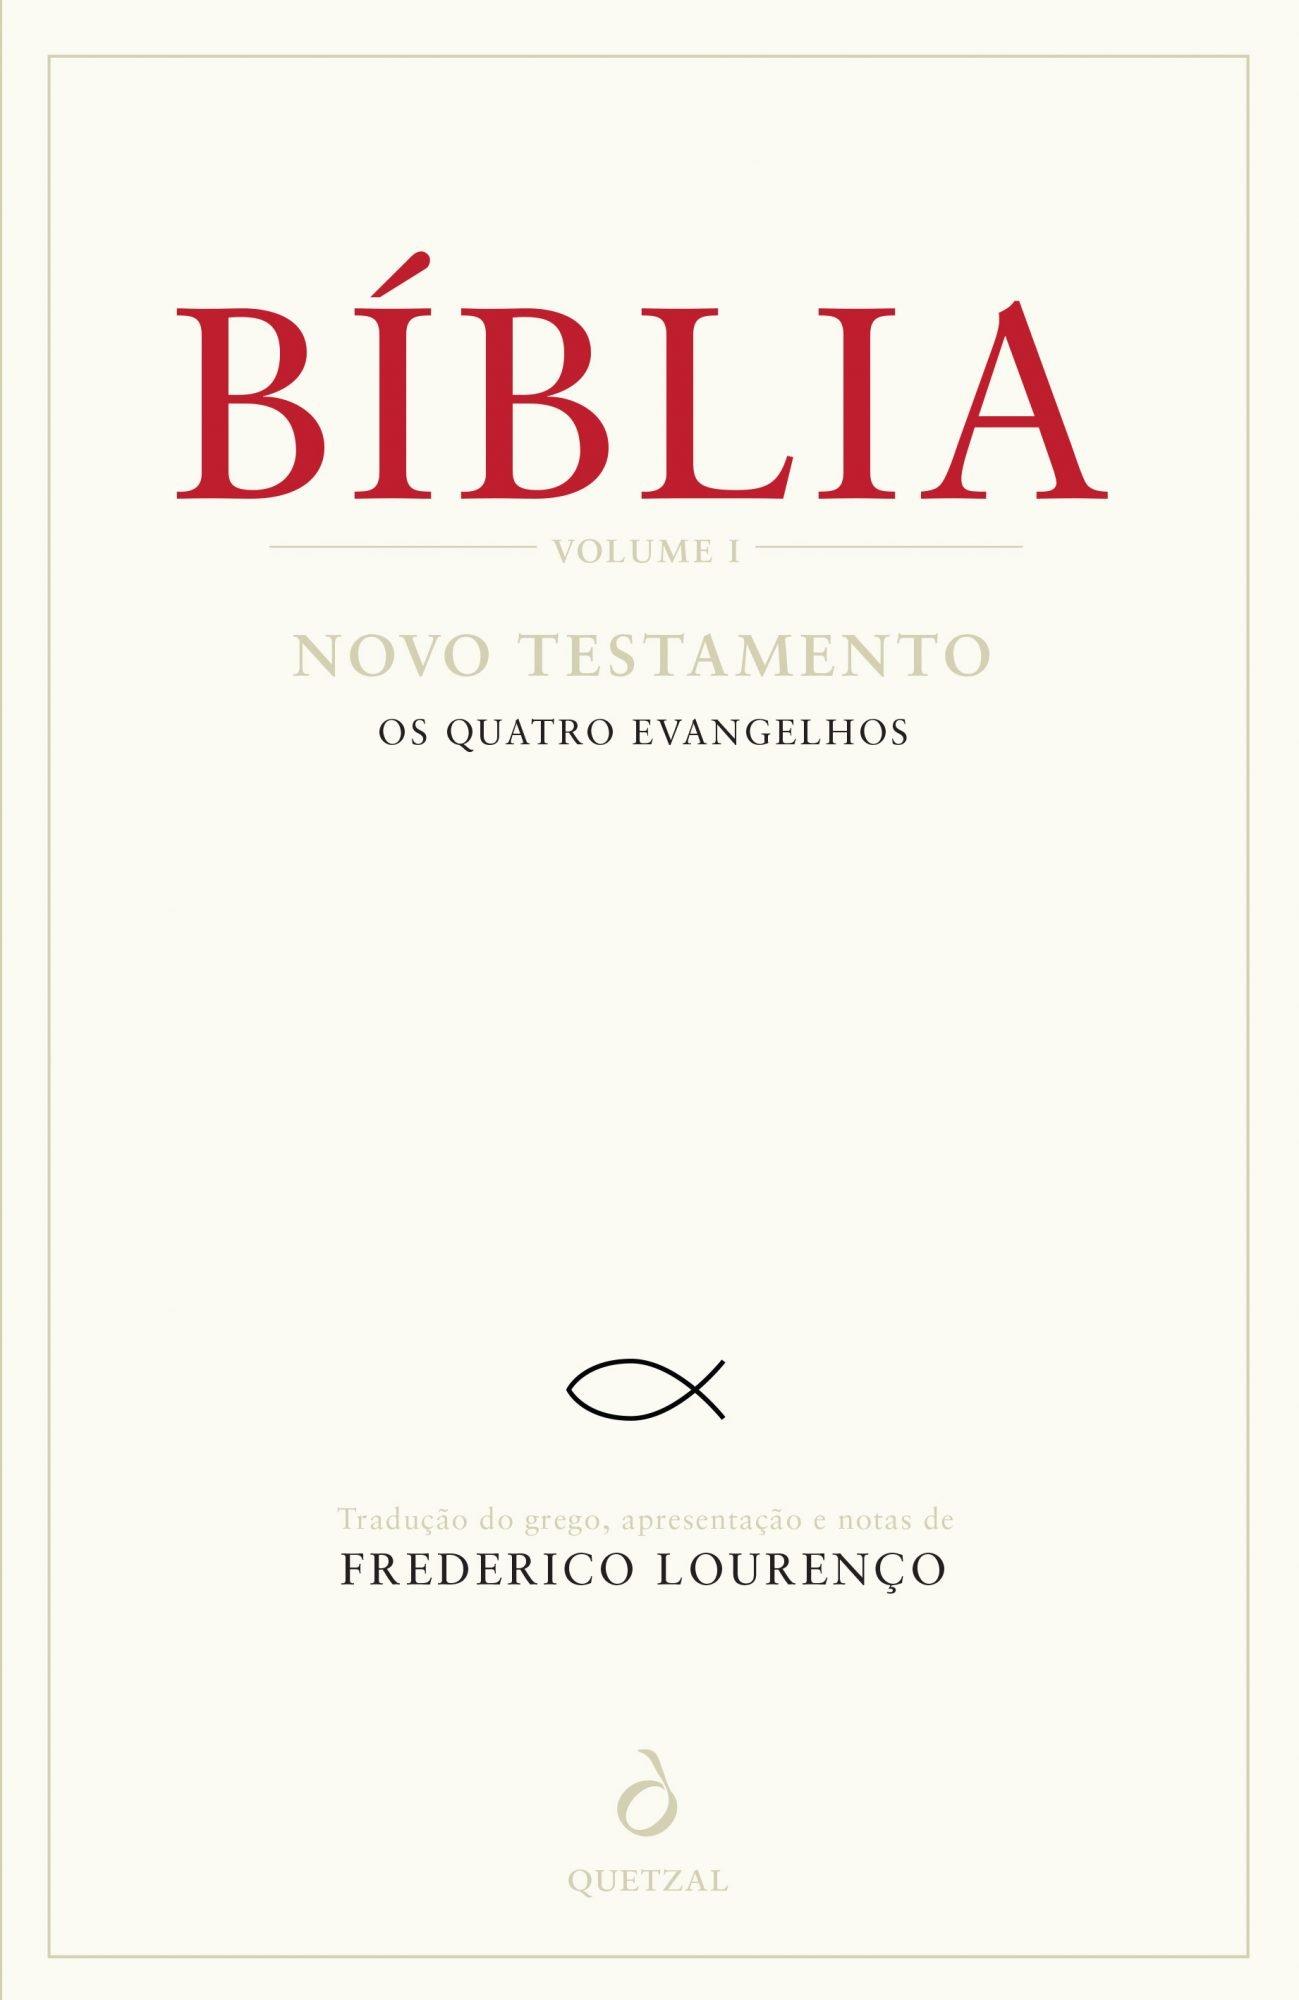 Capa_Bíblia